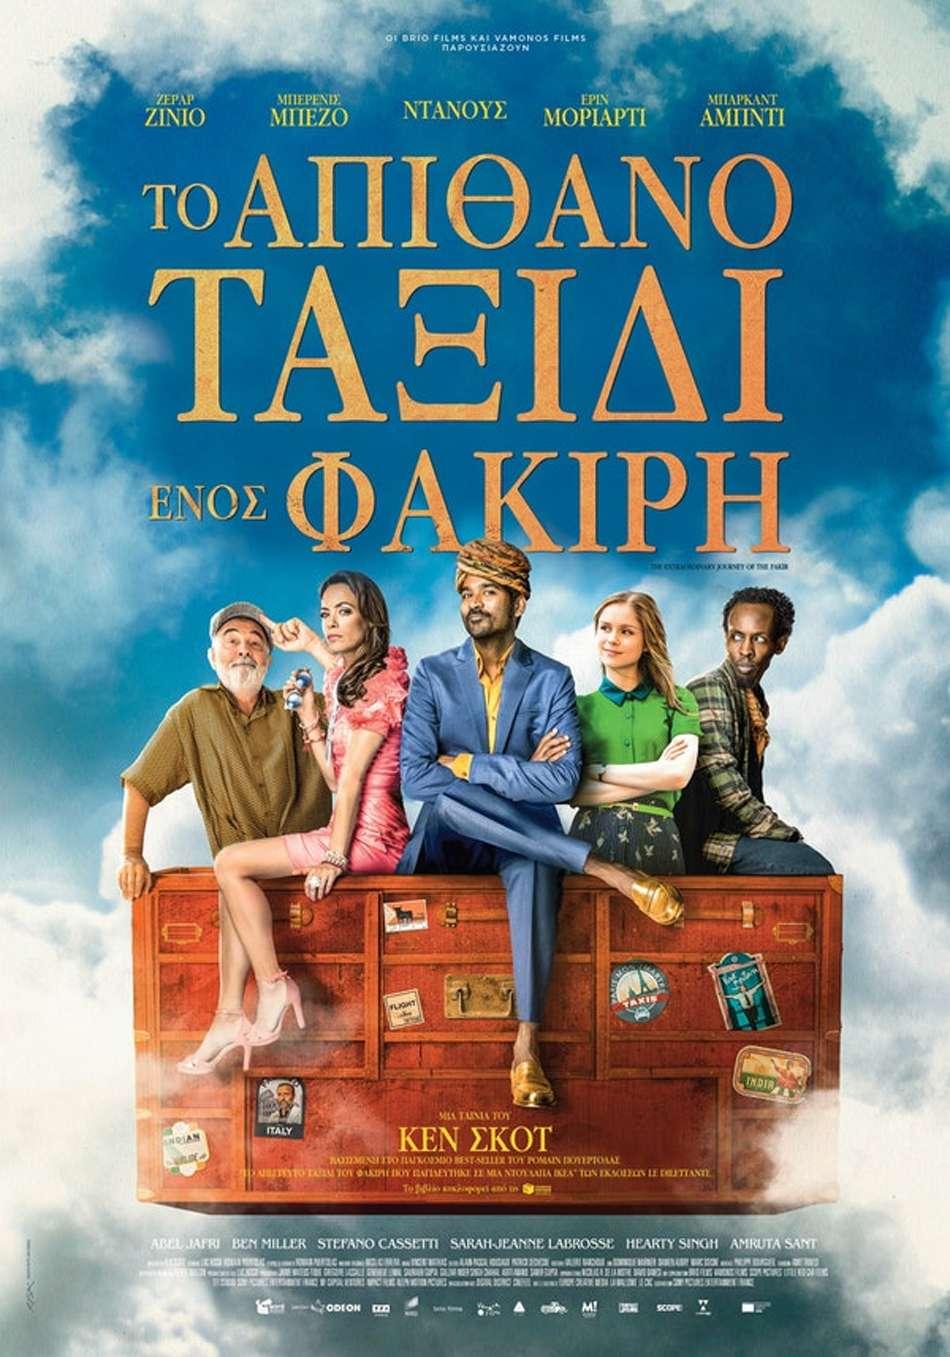 Το Απίθανο Ταξίδι ενός Φακίρη (The Extraordinary Journey of the Fakir) Poster